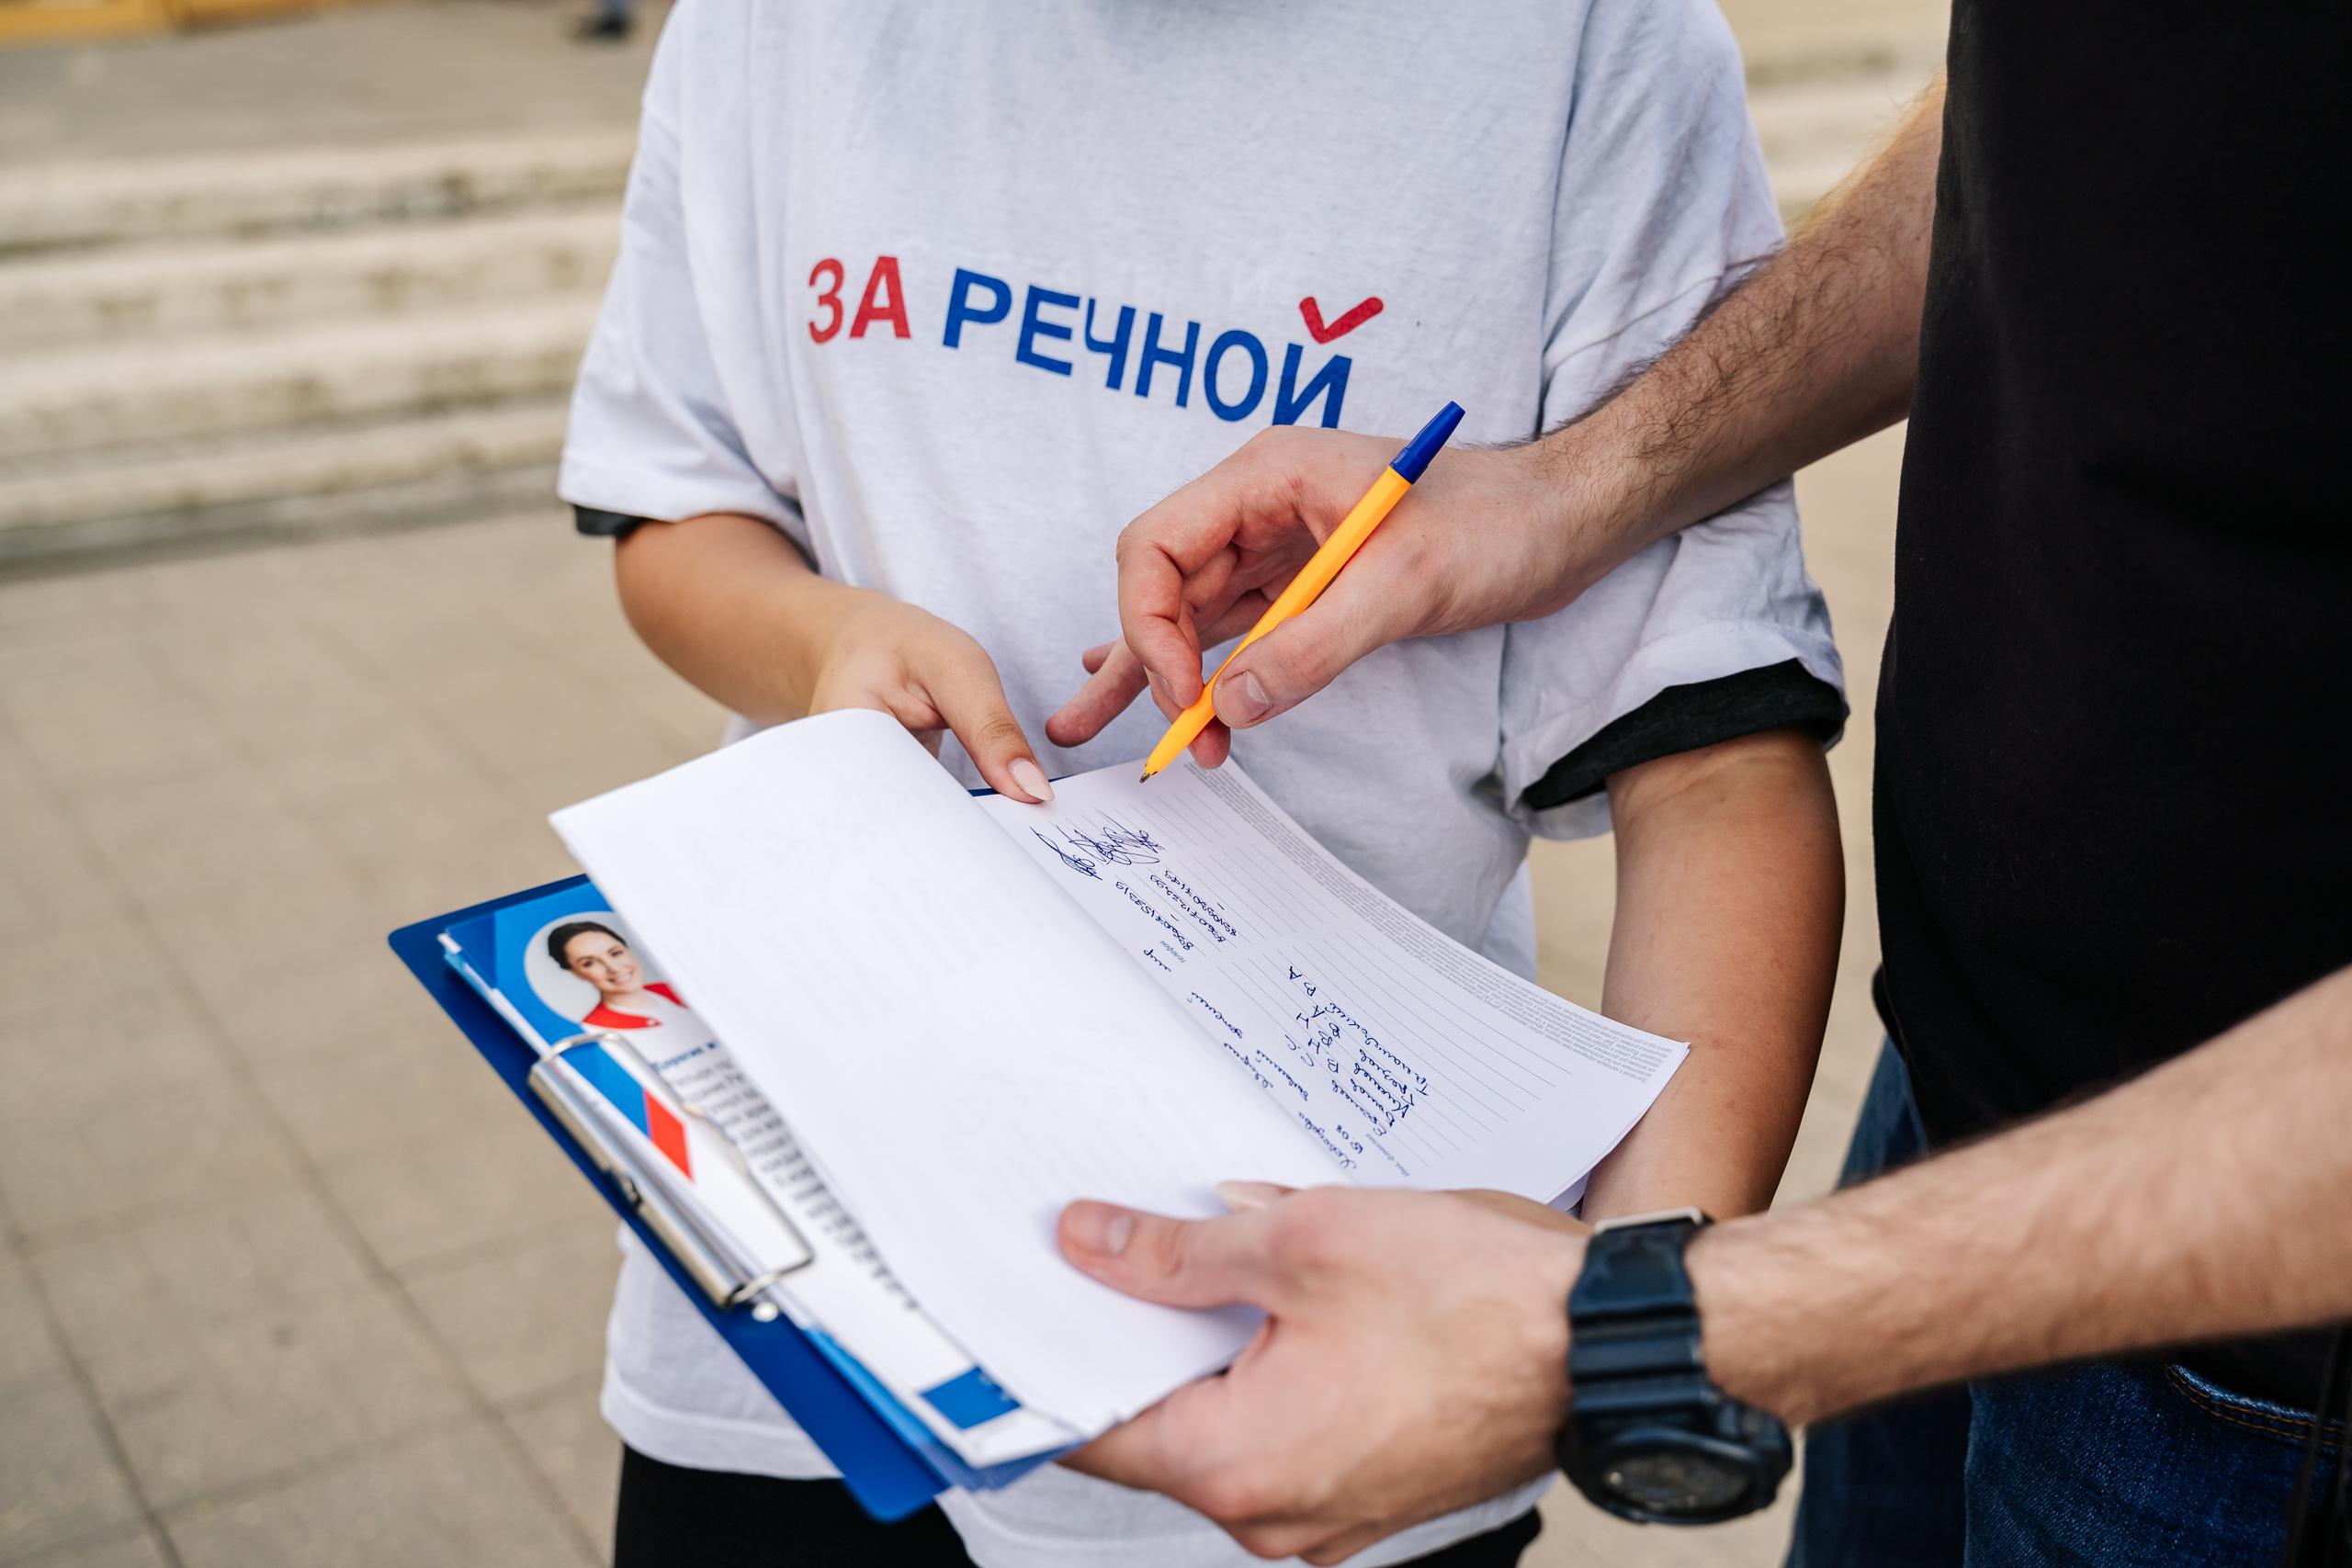 10 тысяч сказали «да»: в Твери набирает обороты сбор подписей за Речной